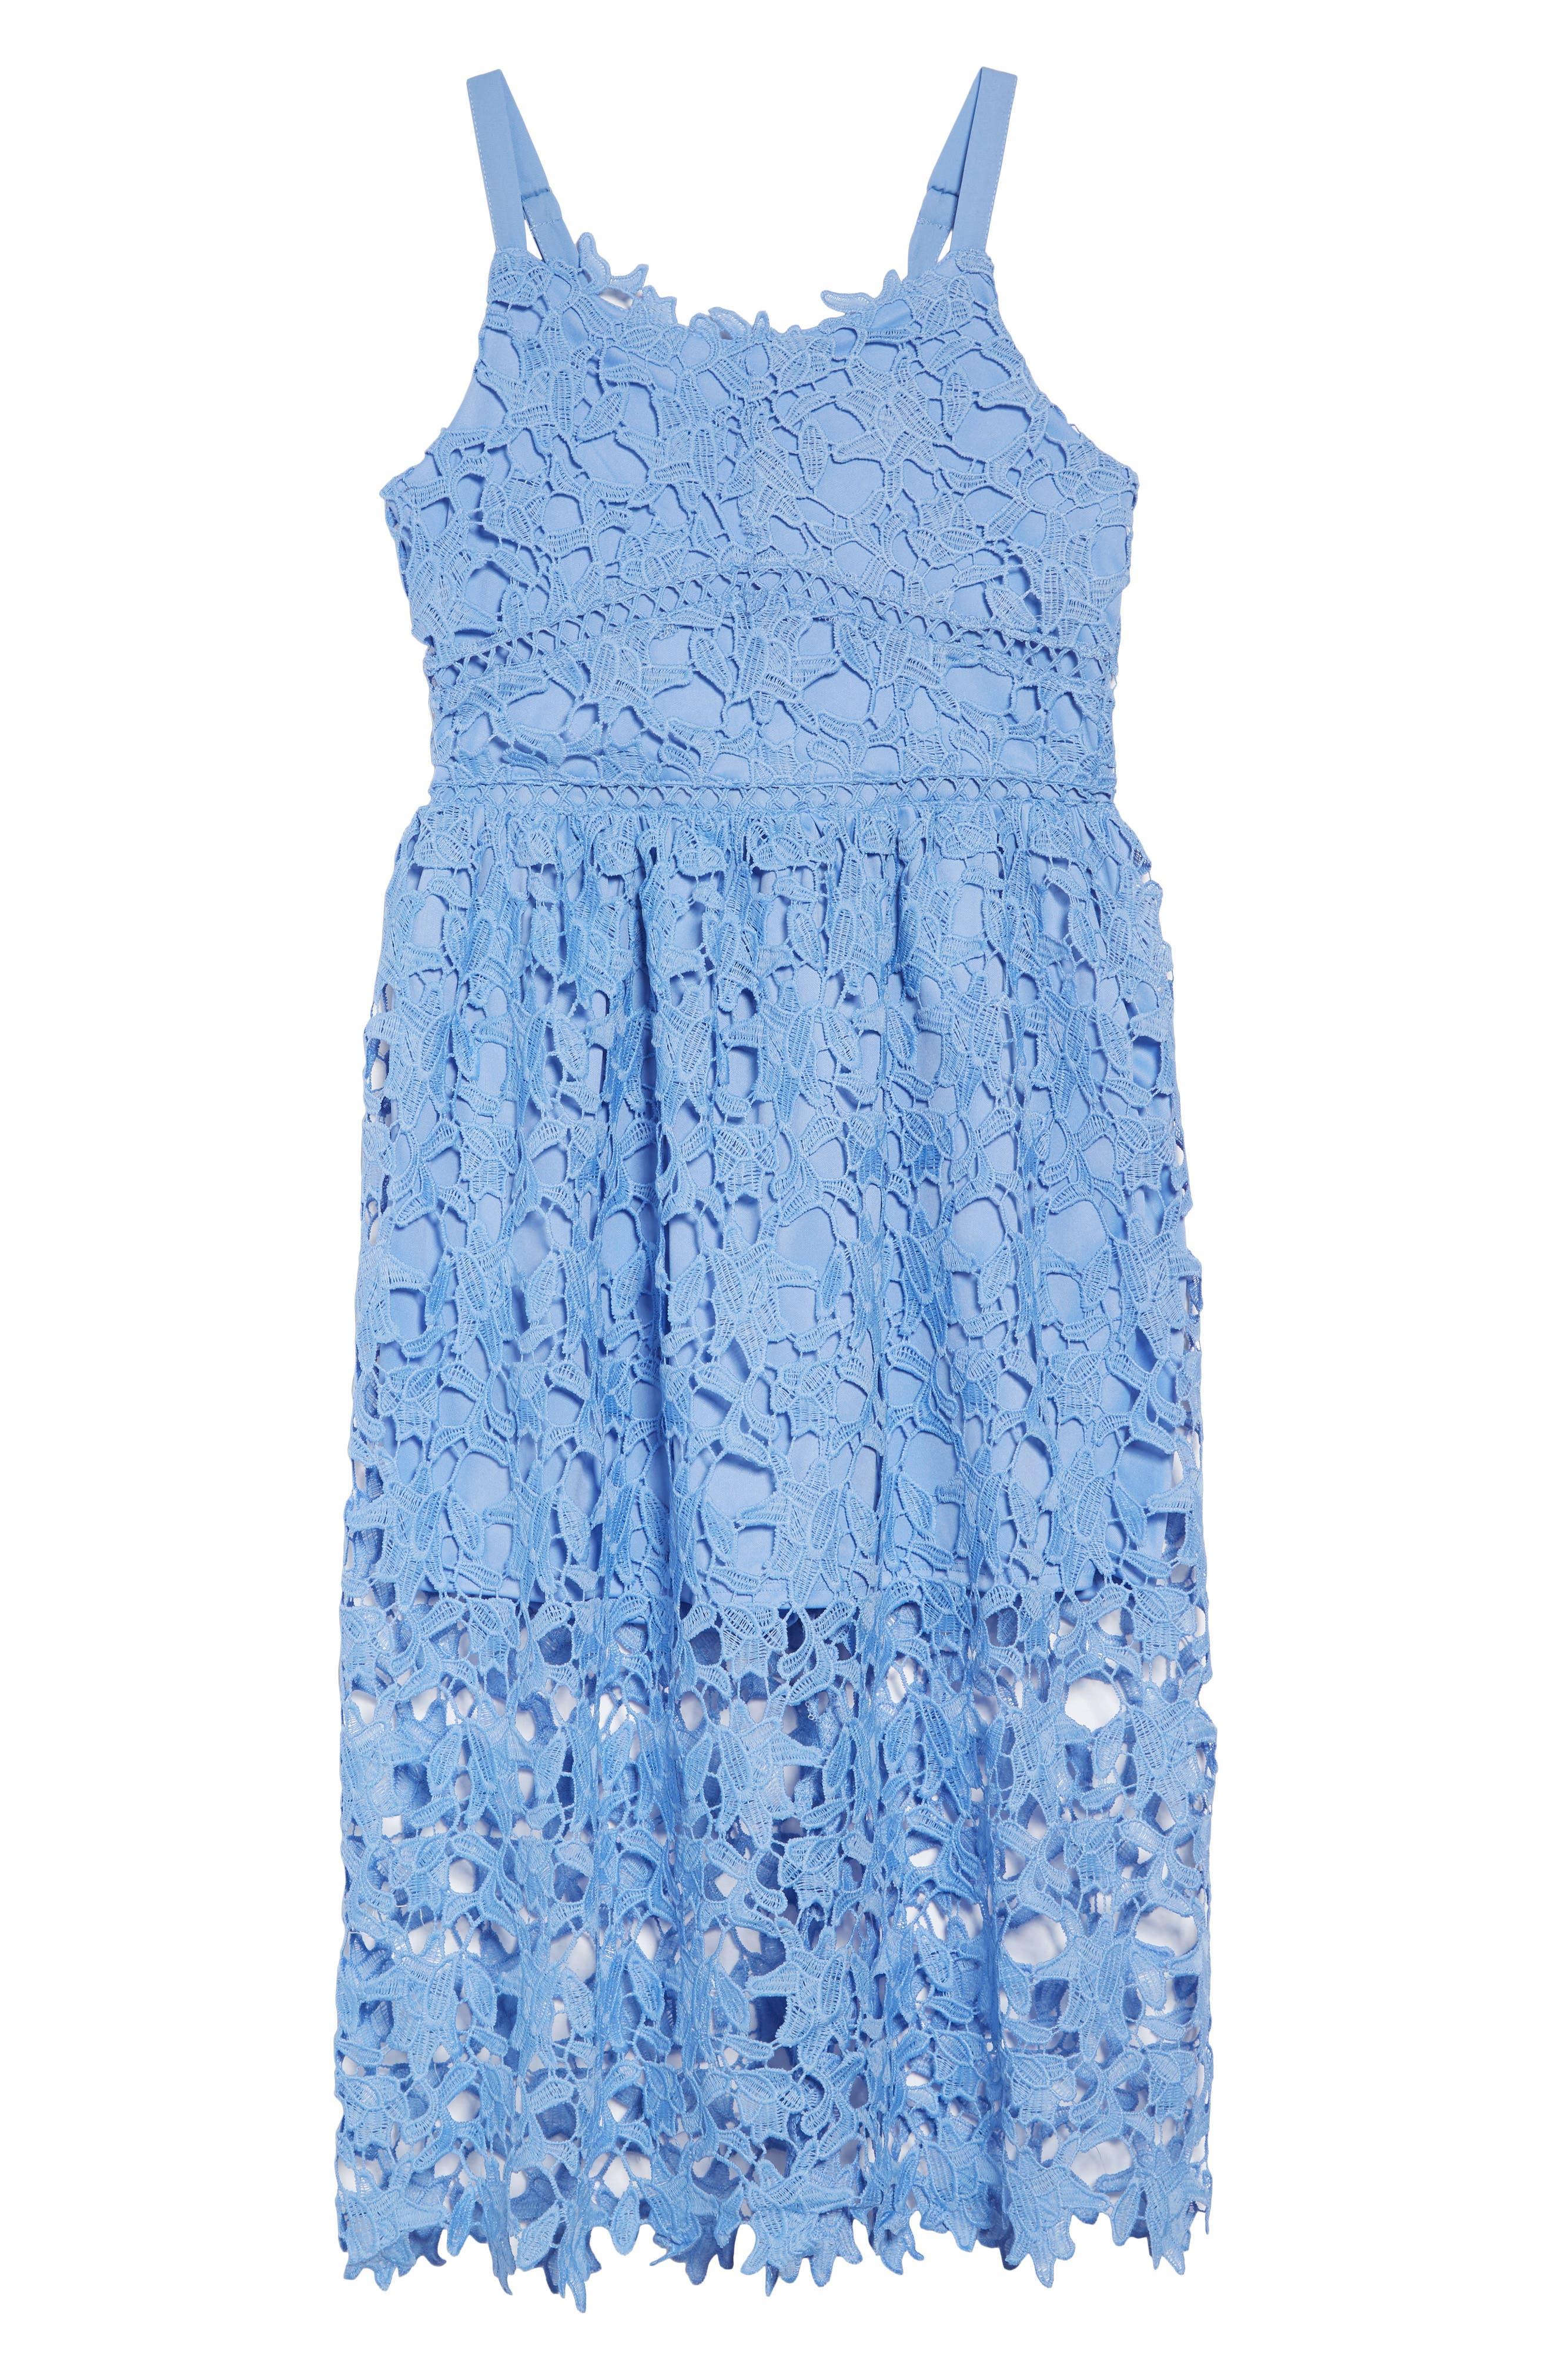 TRIXXI Floral Lace Dress, Main, color, PERIWINKLE